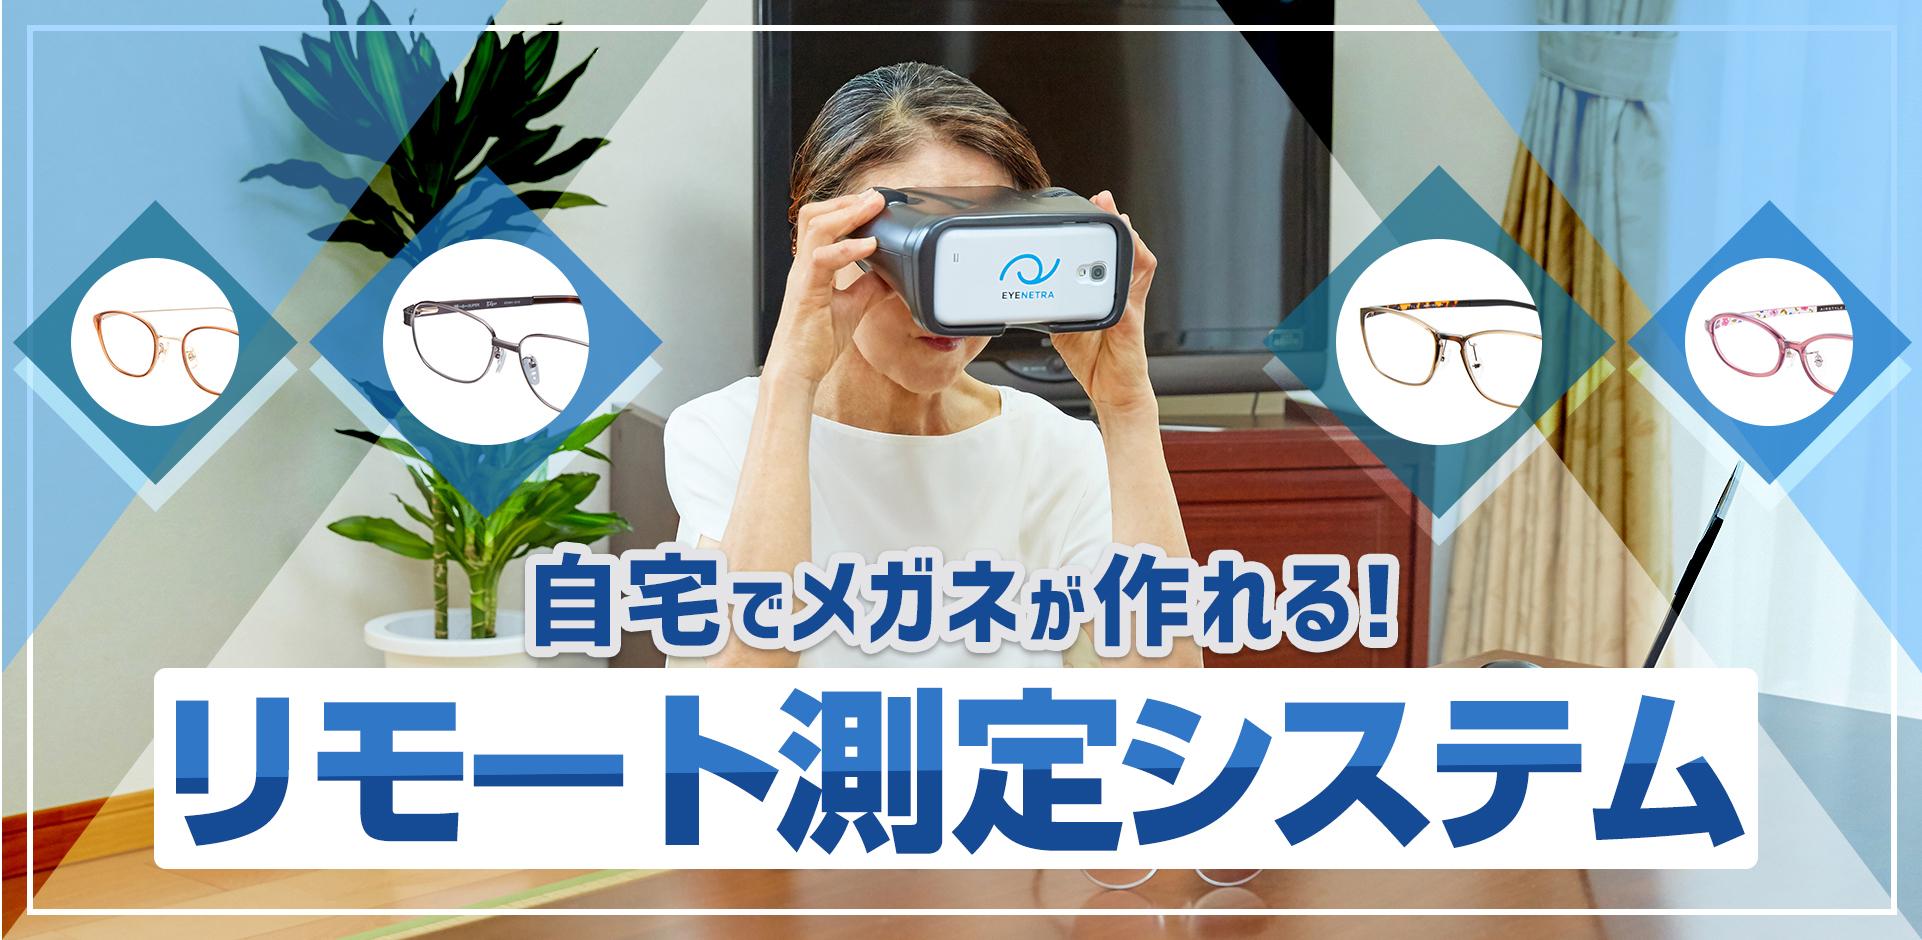 自宅でメガネが作れる!リモート検査システム